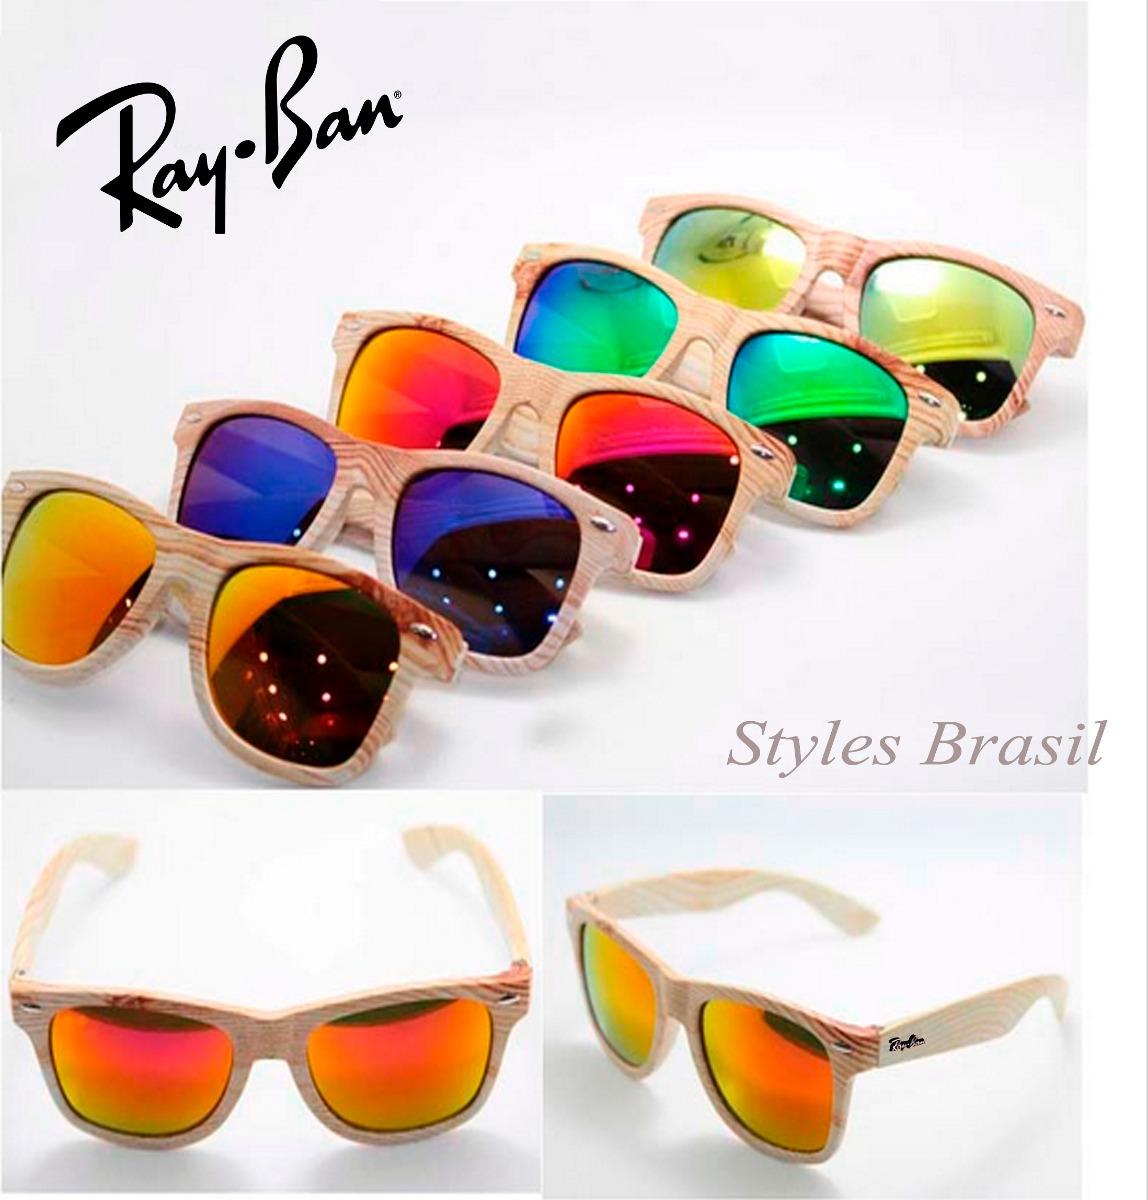 Ray Ban Perna De Madeira. ray ban wayfarer espelhado aa2fc04977600